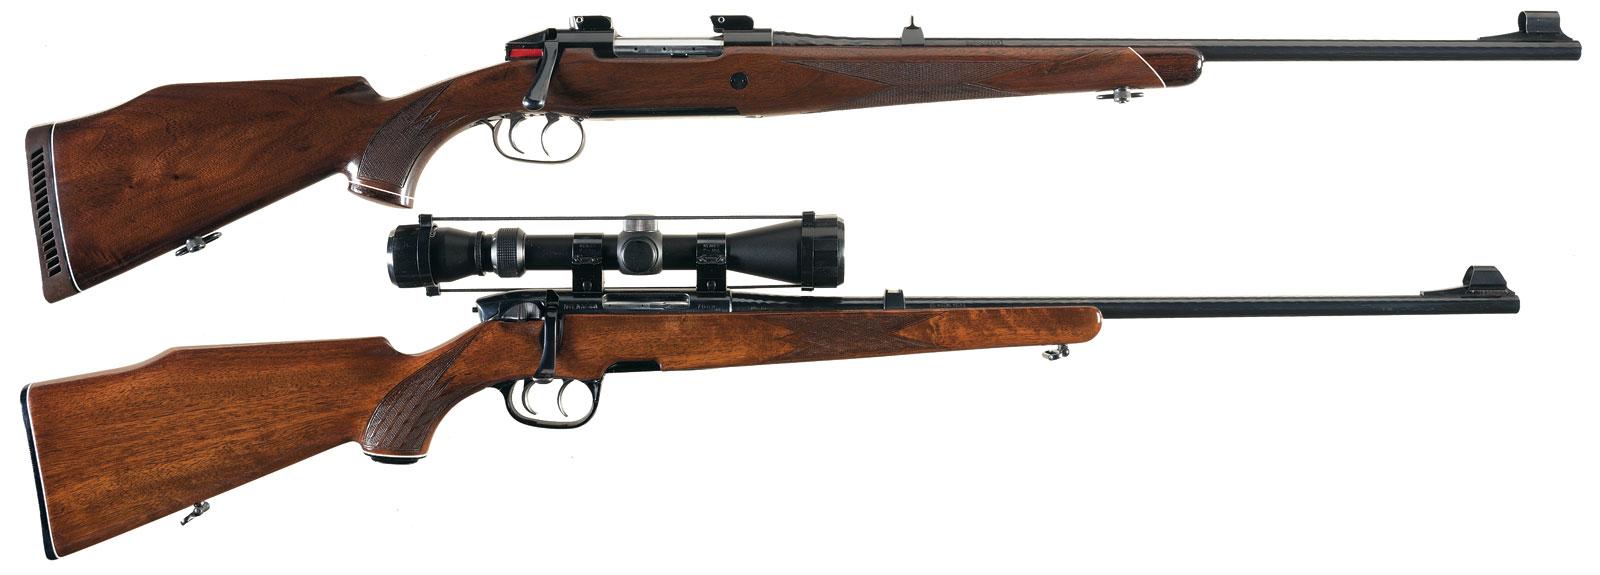 Top rifle is a Mannlicher-Schoenauer M72 rifle. Below it is a Steyr Mannlicher of the same period.